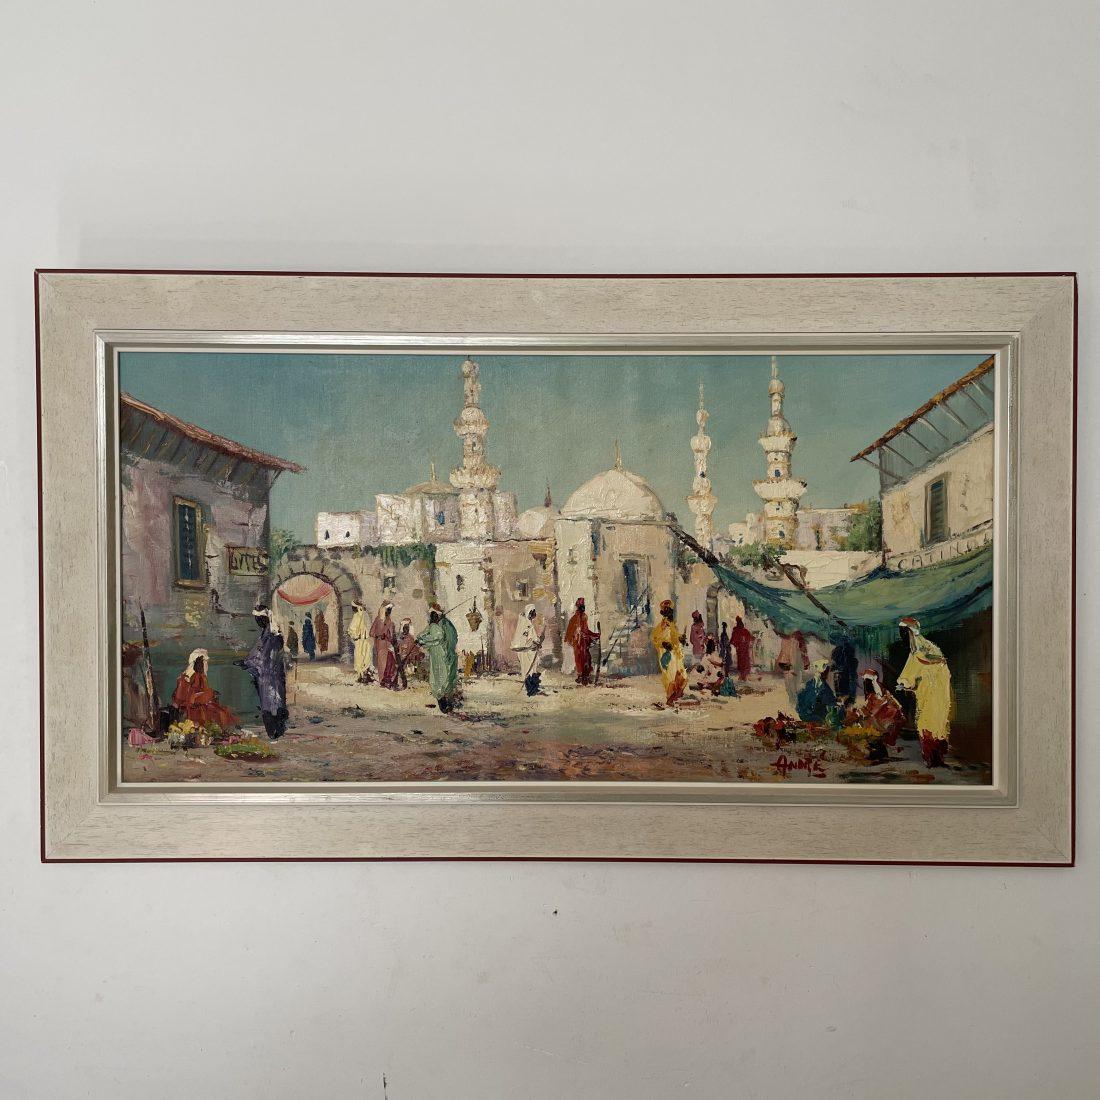 Arabische stad met diverse personen (20e eeuw)